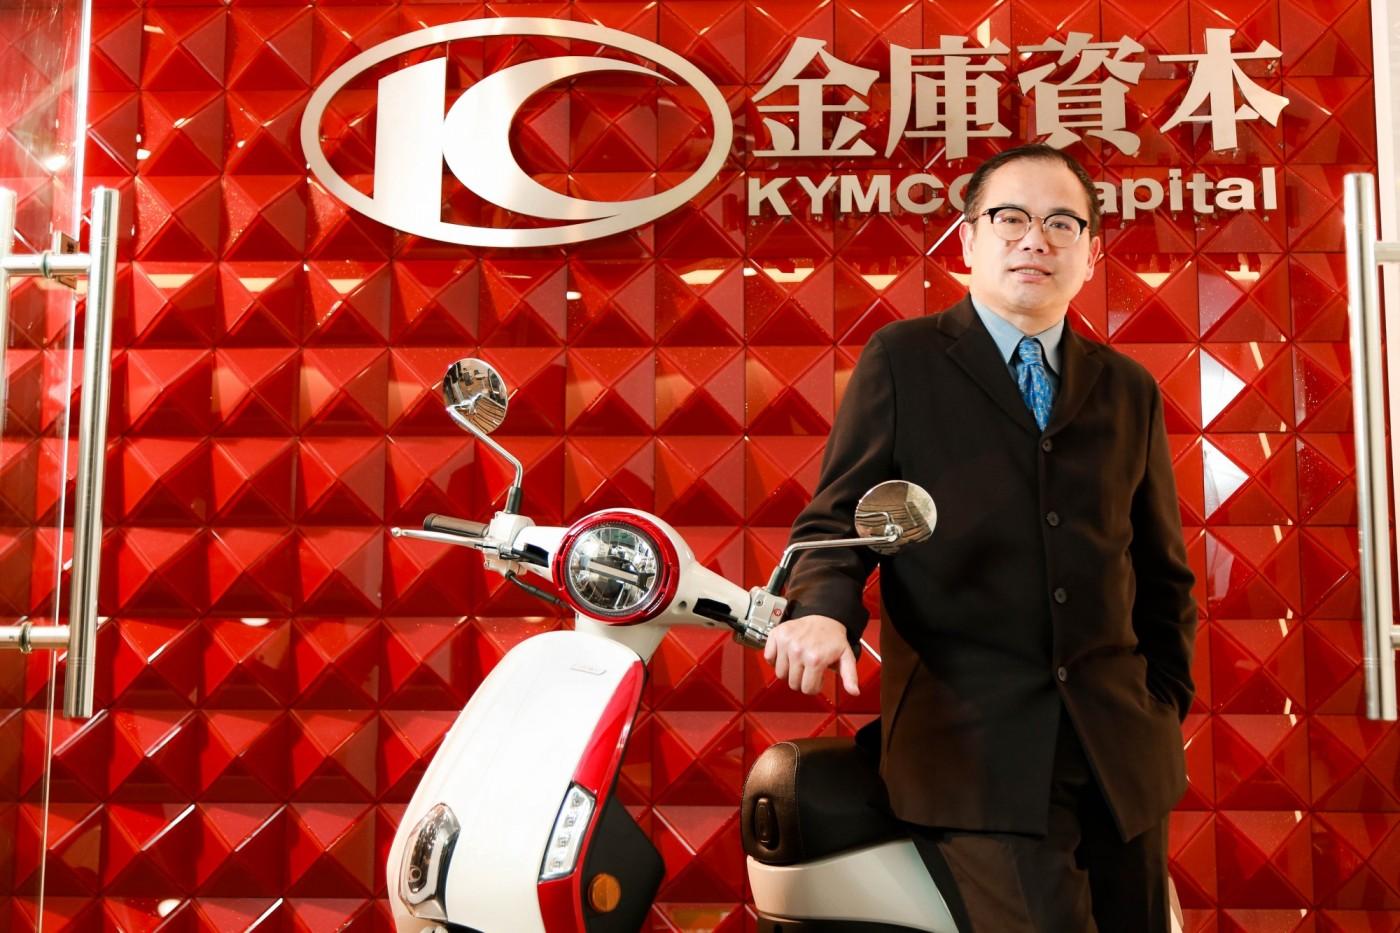 中國共享經濟火了10年,紅利沒了!專訪金庫資本丁學文,他為何這麼說?